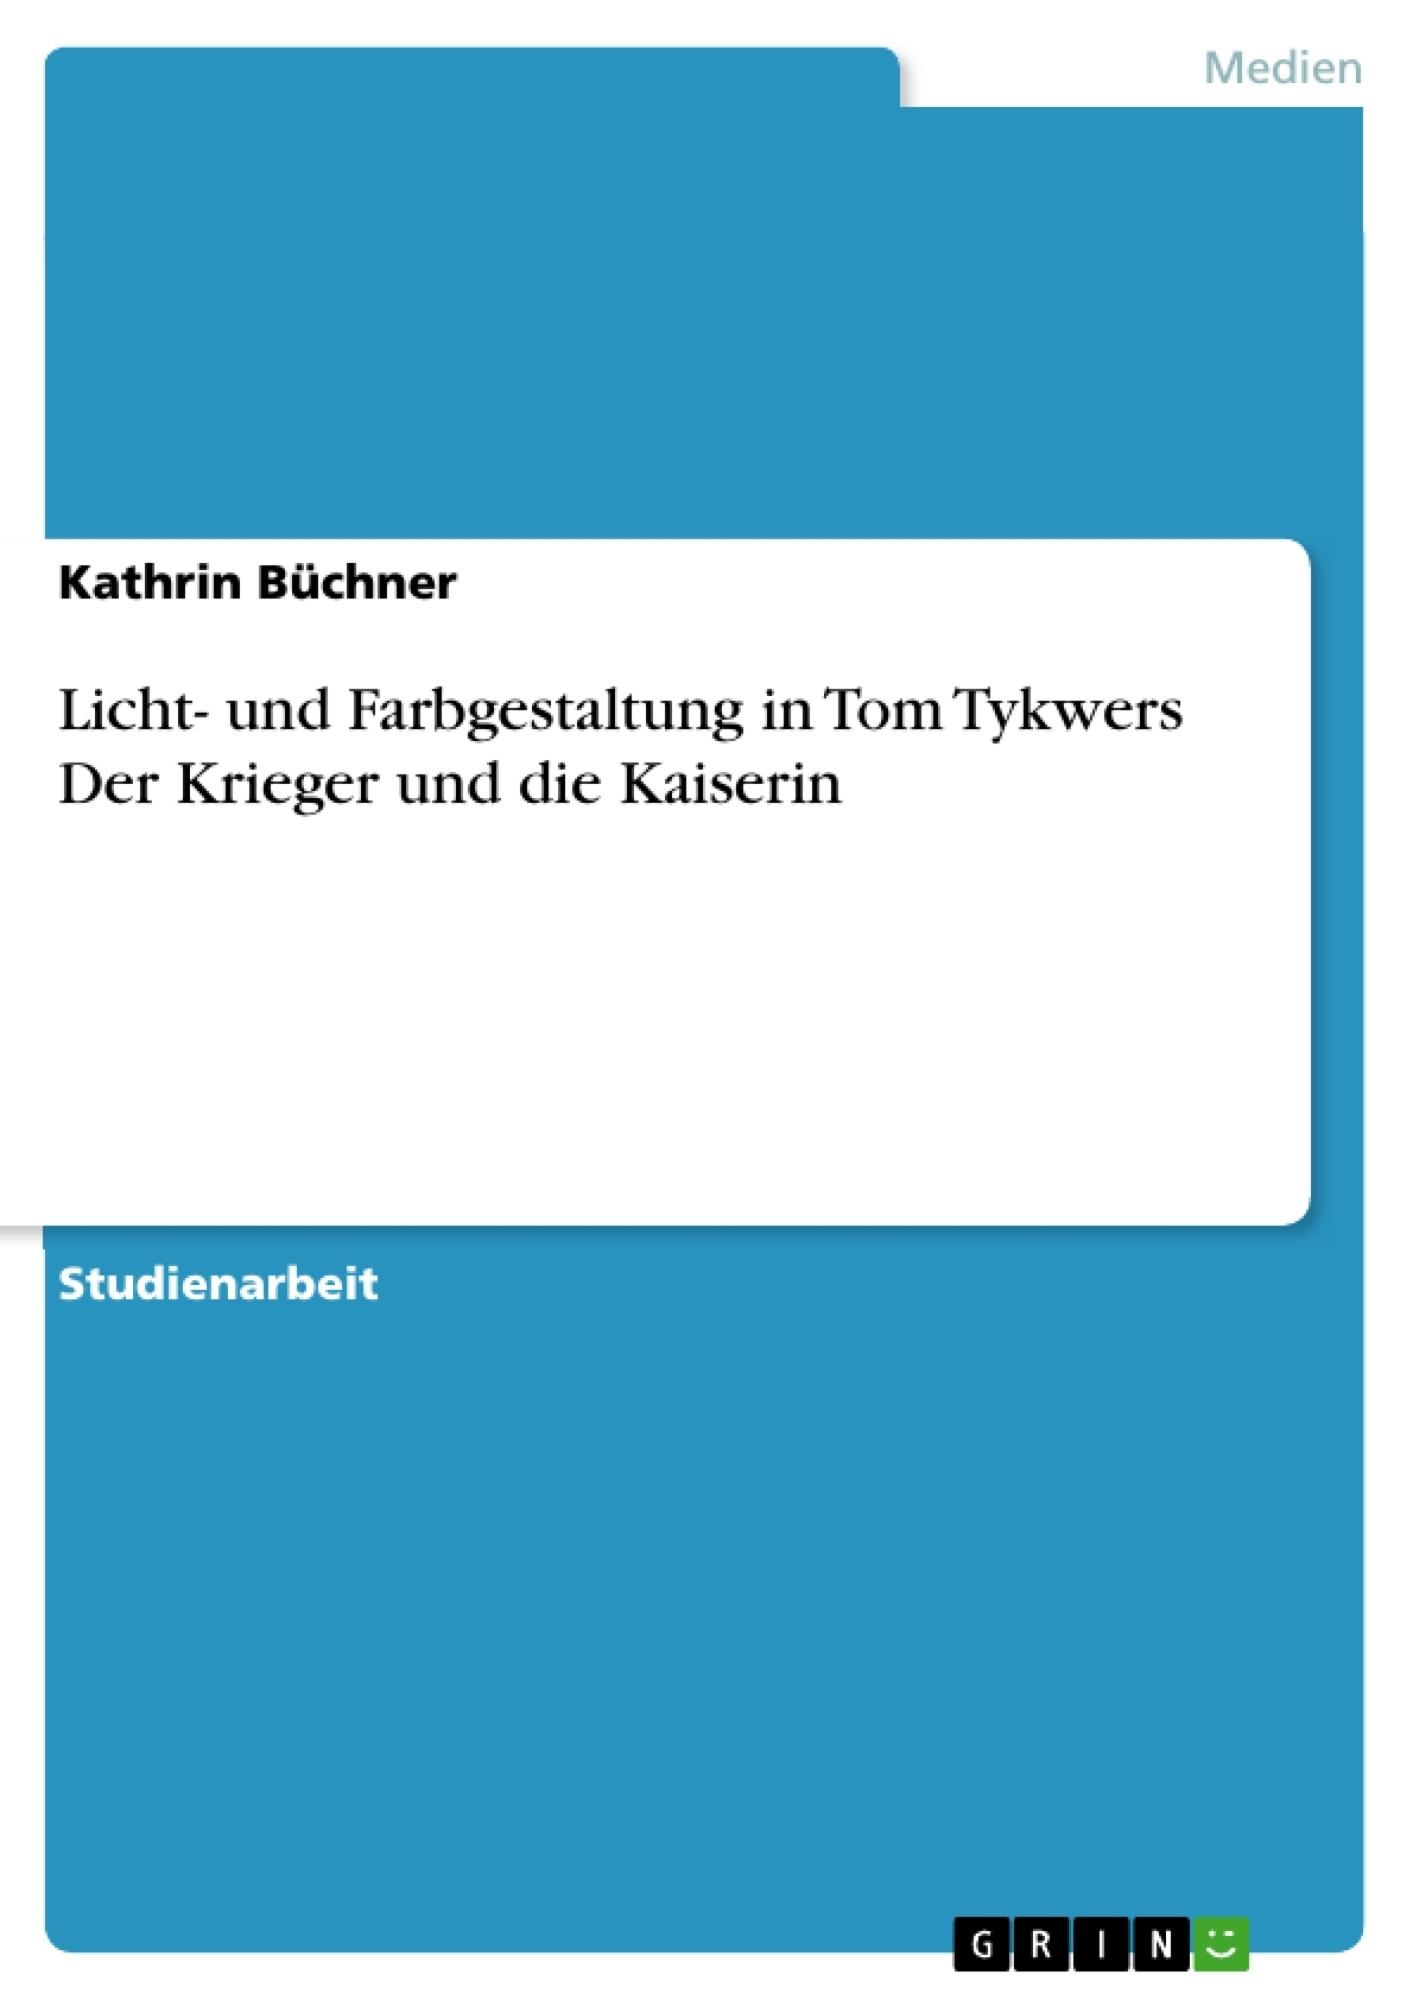 Titel: Licht- und Farbgestaltung in Tom Tykwers  Der Krieger und die Kaiserin